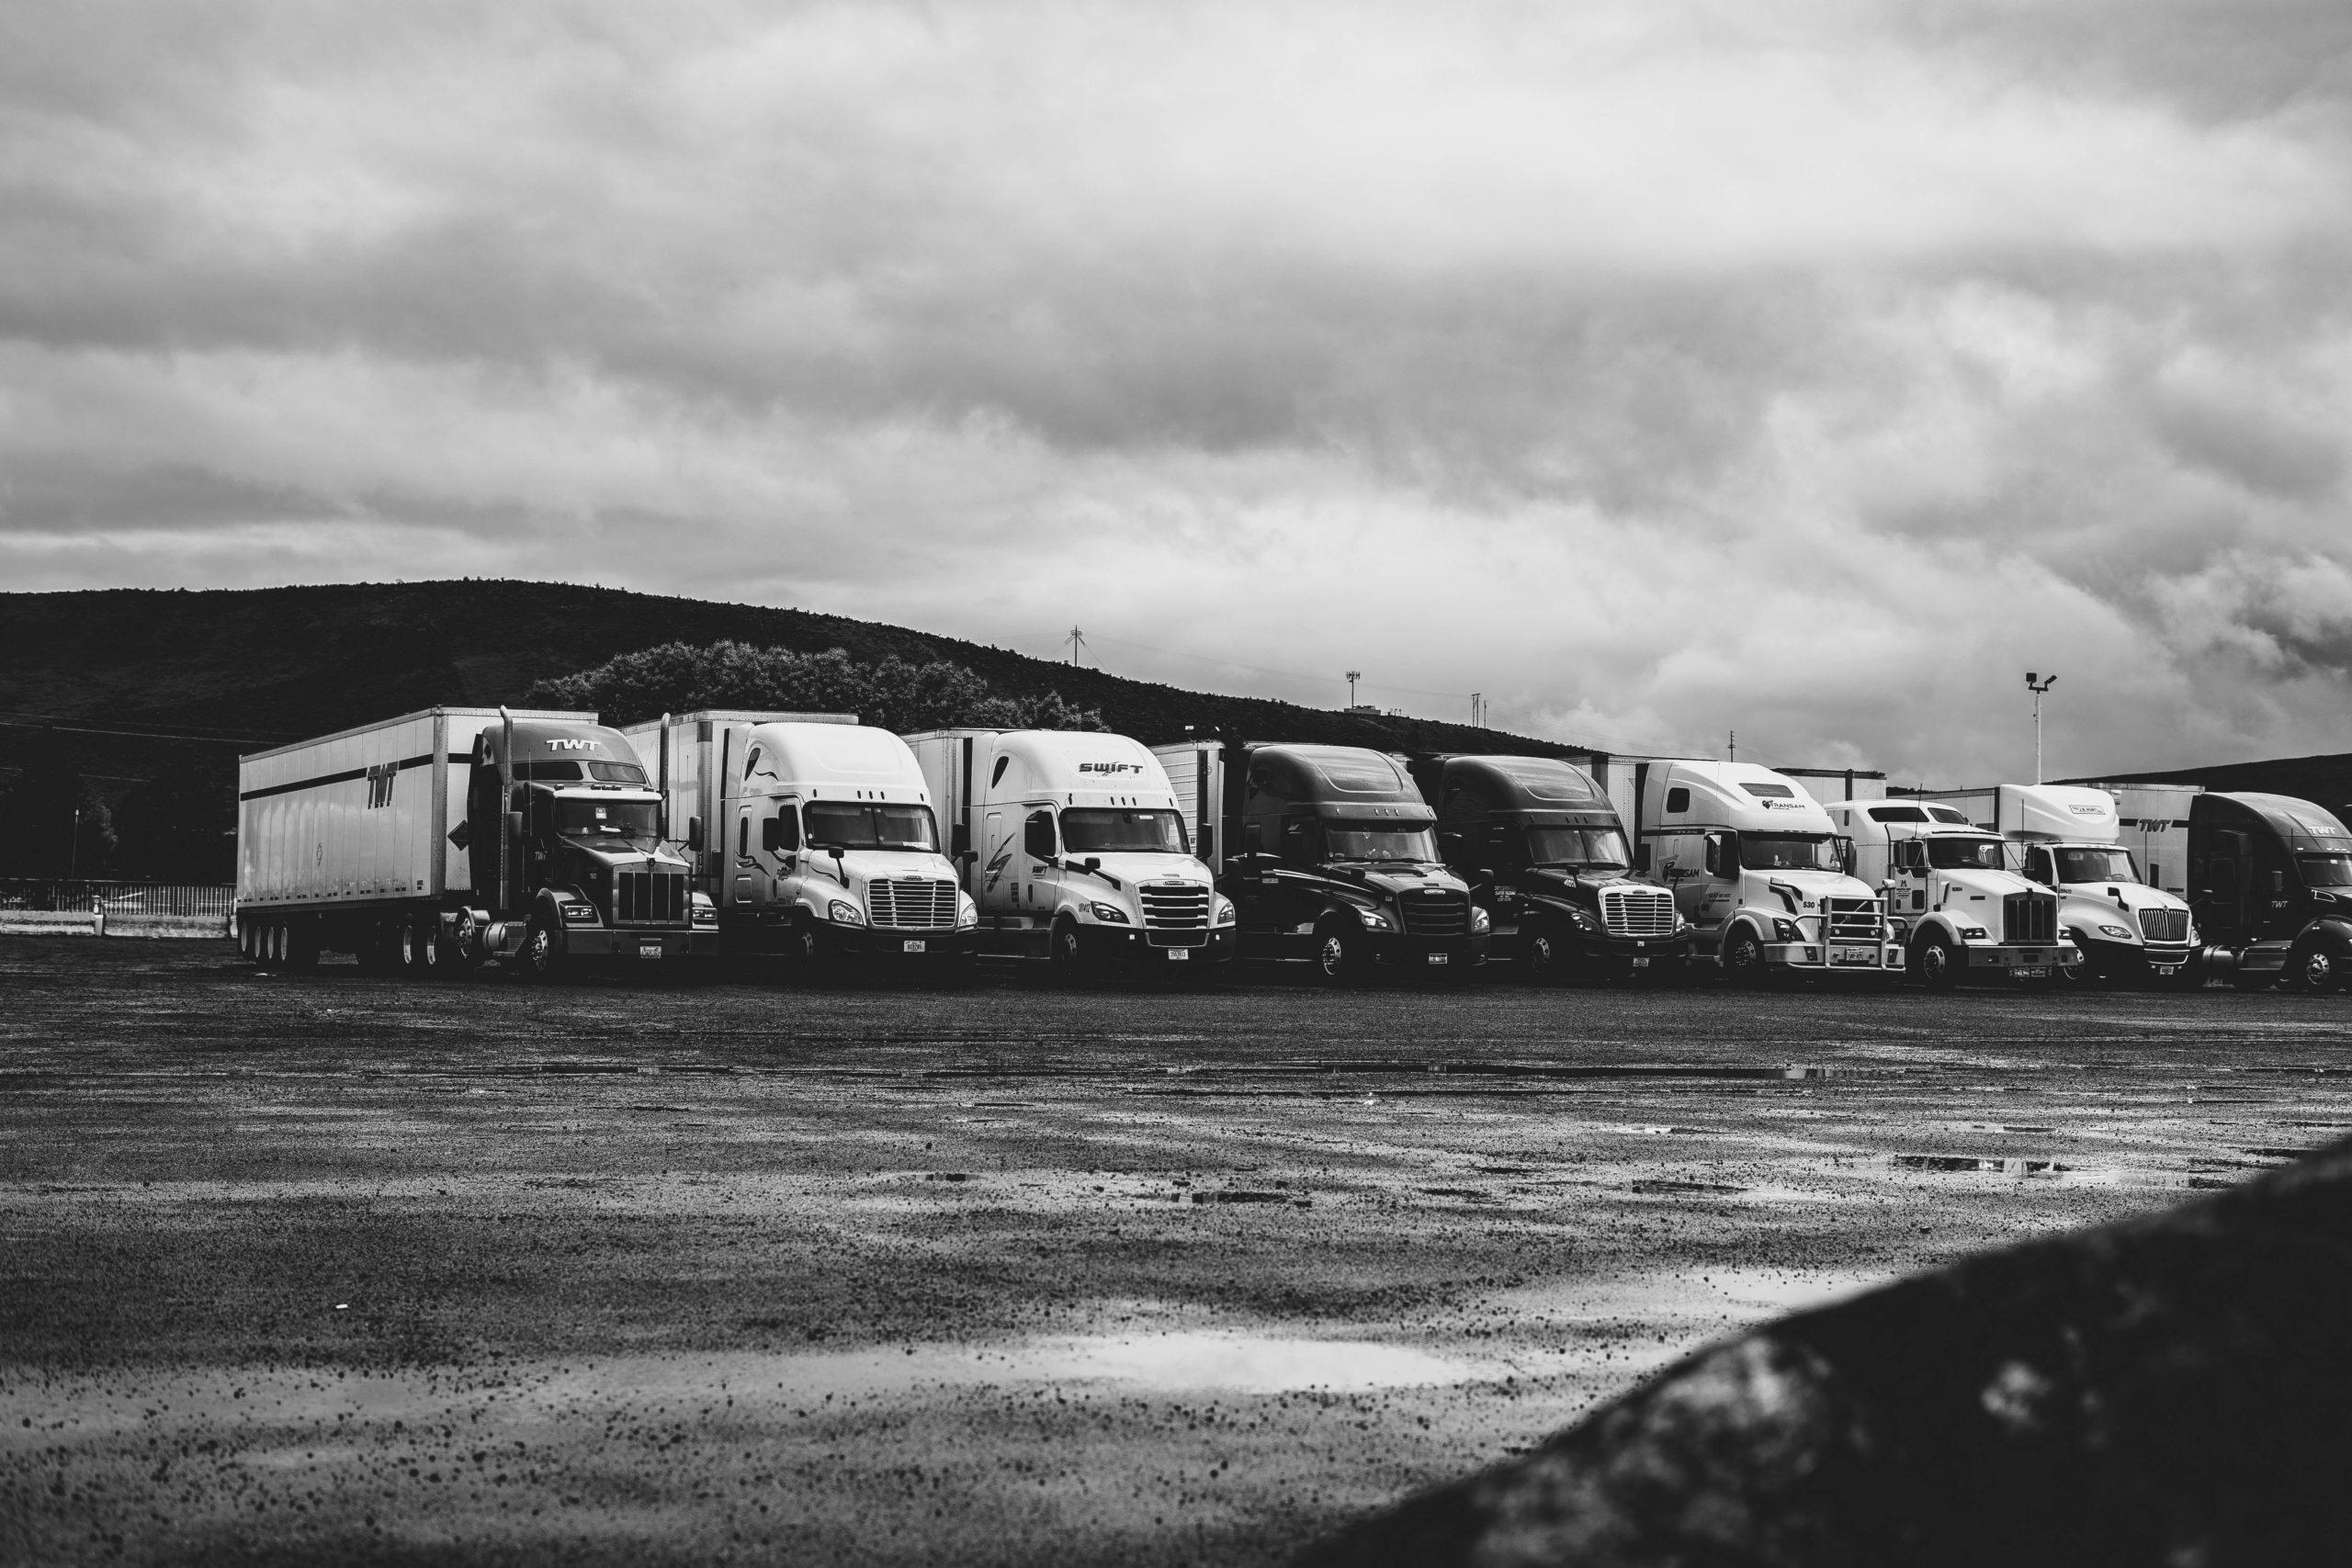 Trucks under clouds